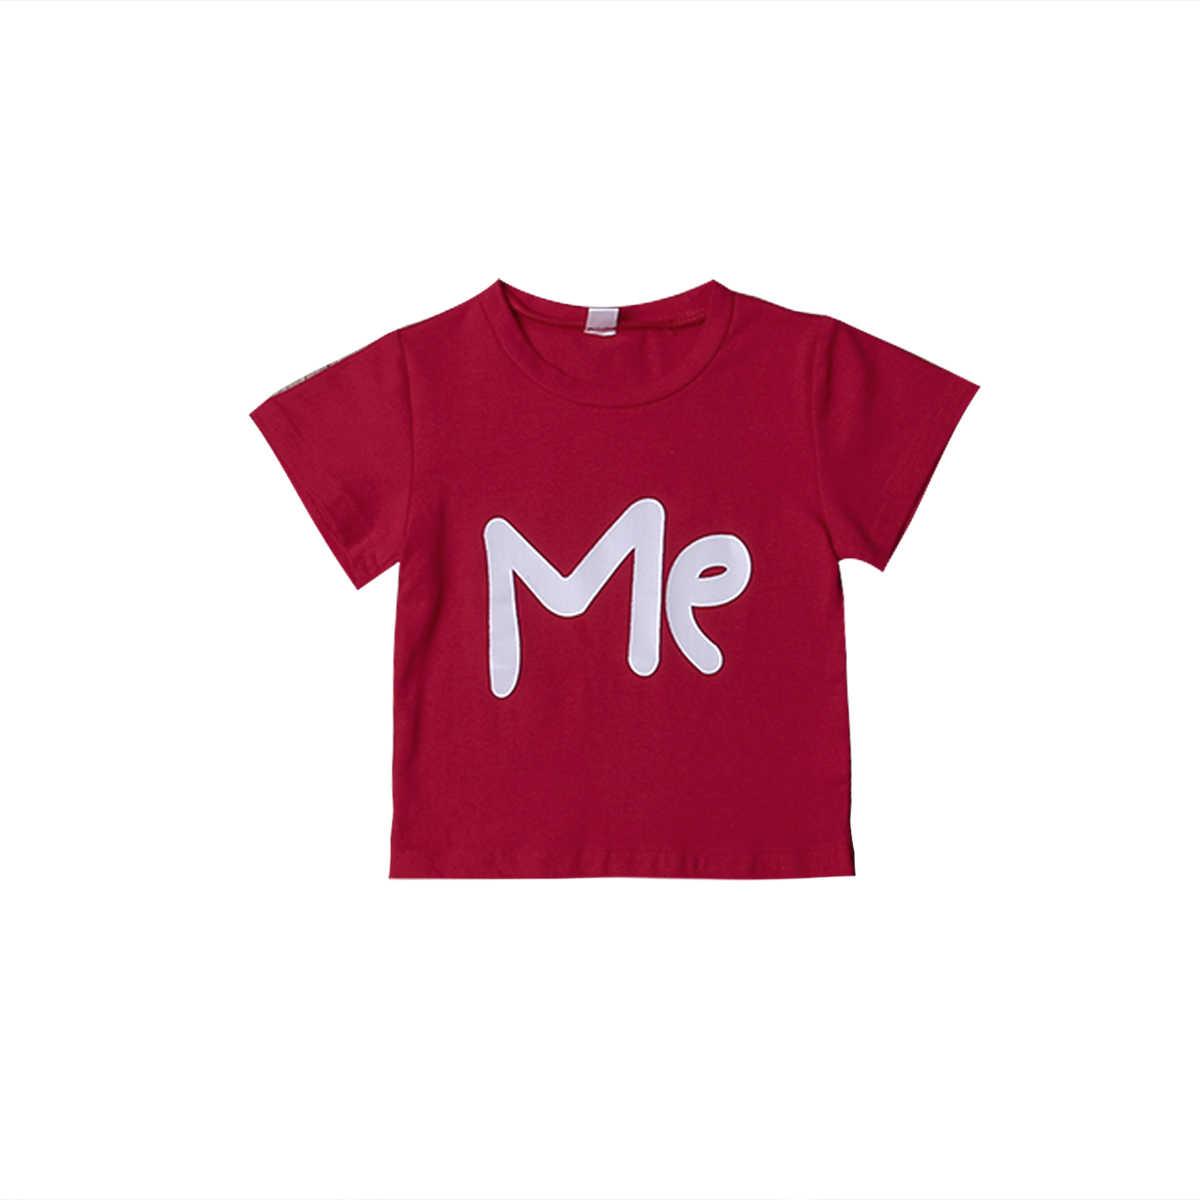 2019 ใหม่สำหรับครอบครัวพ่อแม่เด็กเสื้อแขนสั้นวันวาเลนไทน์ love พิมพ์ด้านบน